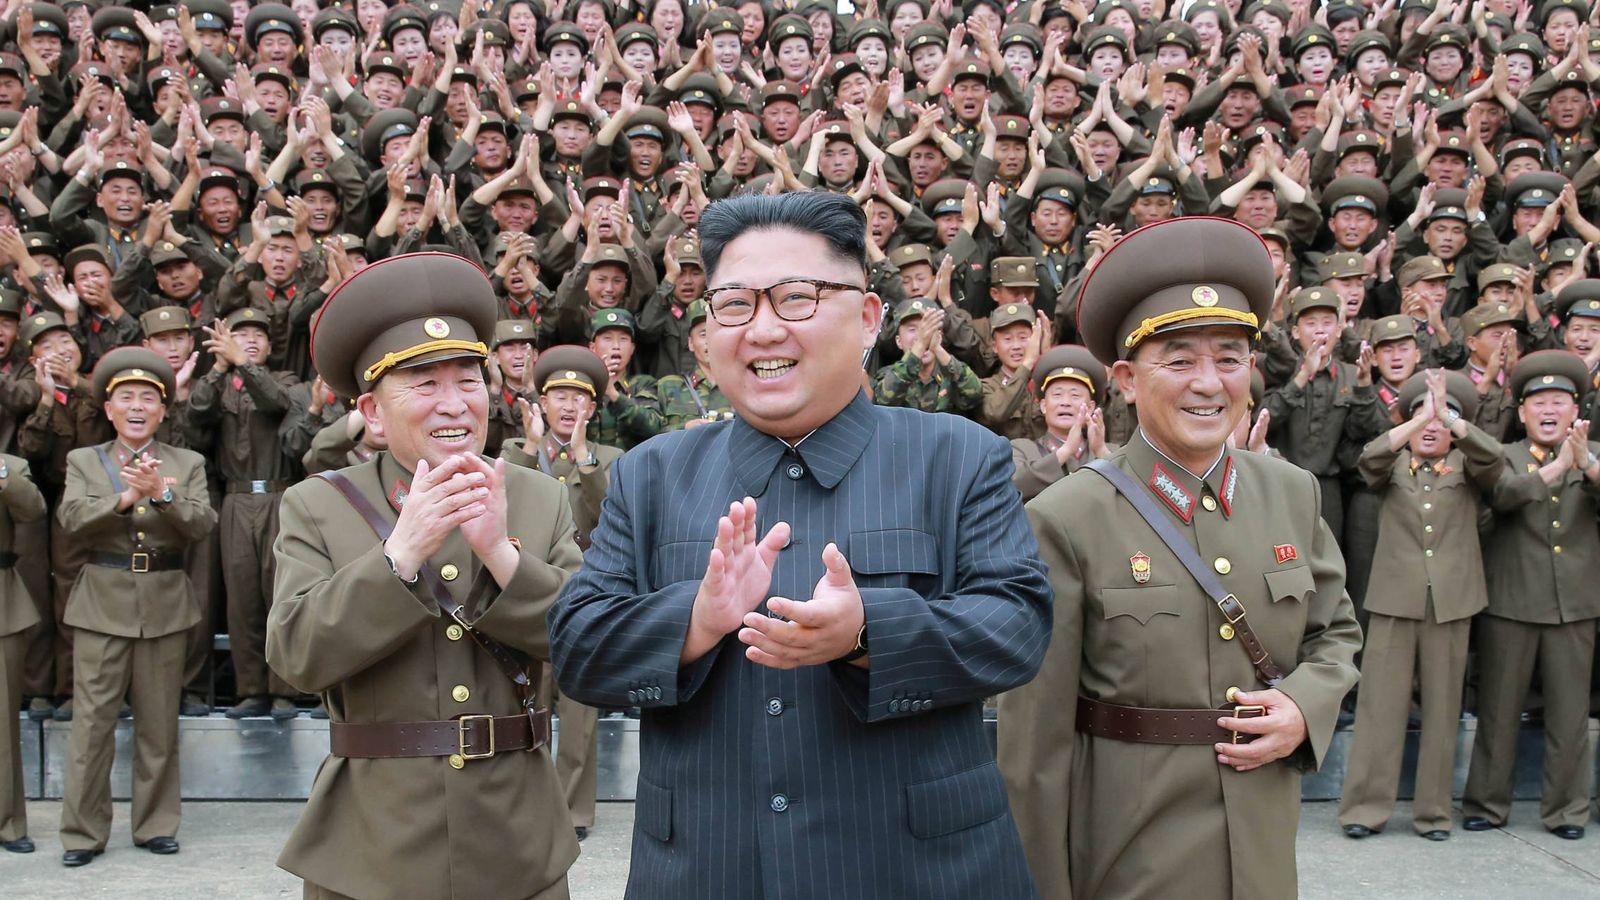 Foto: El presidente norcoreano Kim Jong-un rodeado de oficiales y miembros de la Fuerza Estratégica del Ejército Popular de Corea, en agosto de 2017. (Reuters)